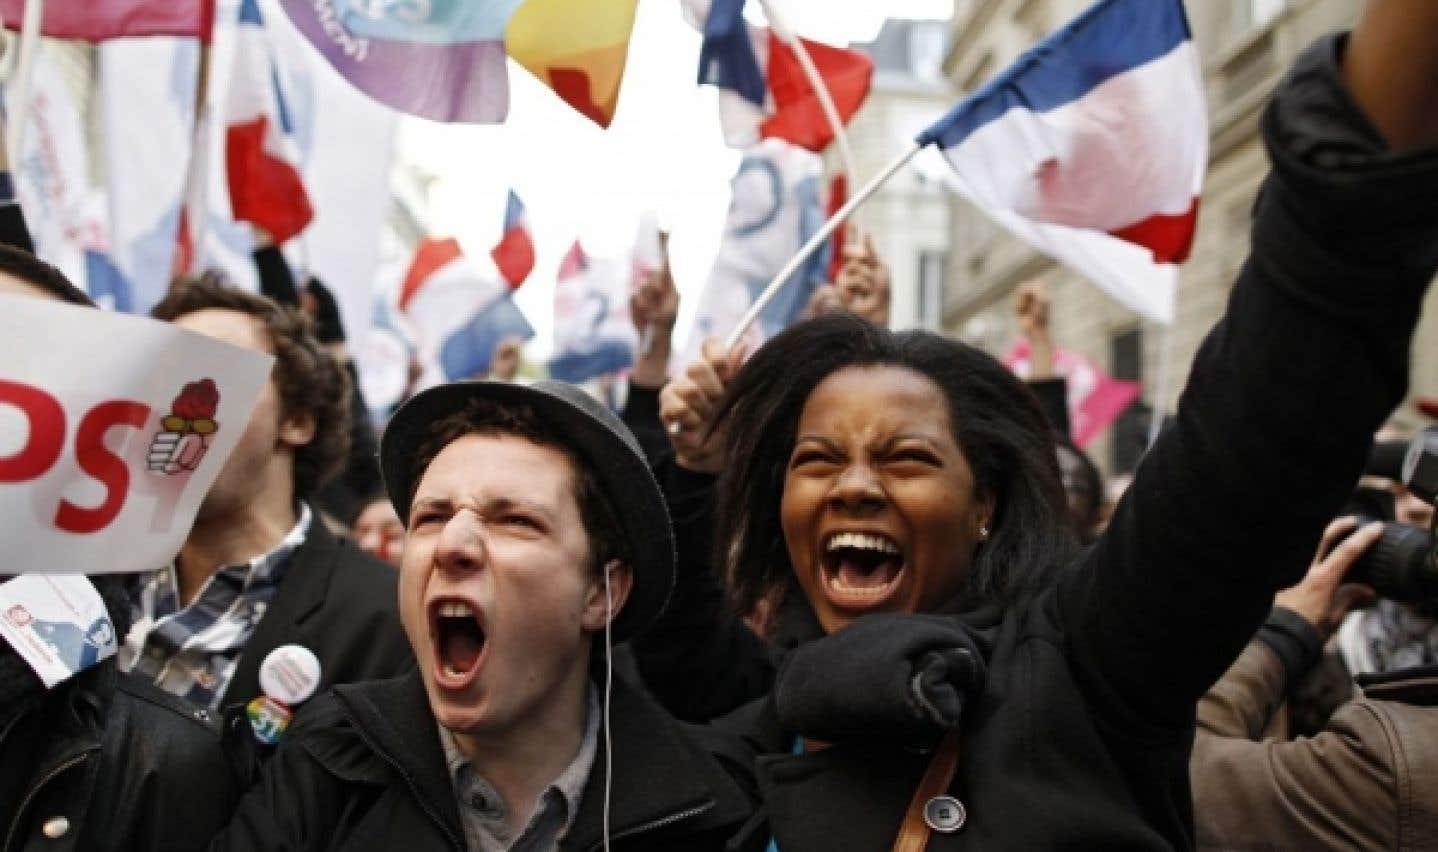 Des partisans socialistes ont célébré la victoire de leur candidat au premier tour des présidentielles.